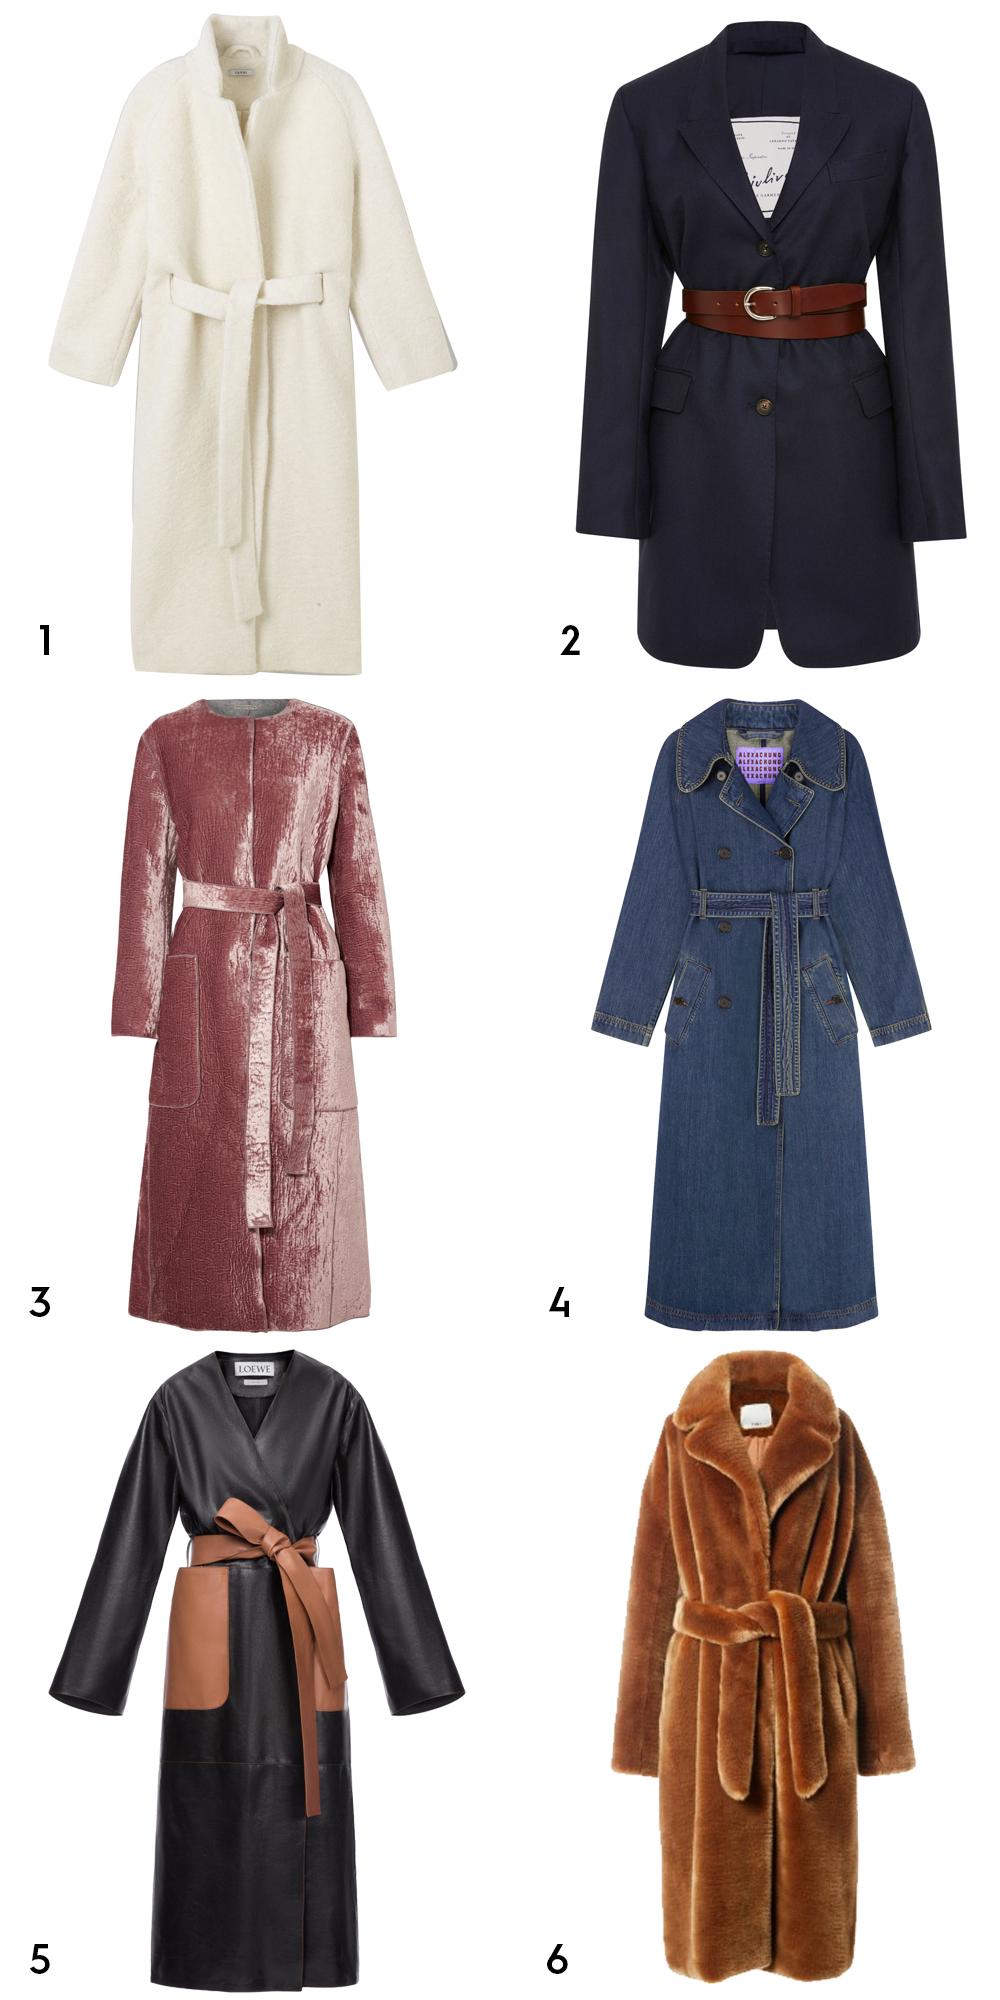 1 Fenn wrap long coat, €329 at ganni.com, 2Karen Belted wool-crepe blazer byGiuliva Heritage Collection, €1,536 at modaoperandi.com, 3 deco rose/light grey velvet and wool coat, €2,200 at bottegavaneta.com, 4 denim trench coat, €700 at alexachung.com, 5 long coat in black and tan, €3,800 at loewe.com, 6 luxe oversized faux fur coat, €594.84 at tibi.com